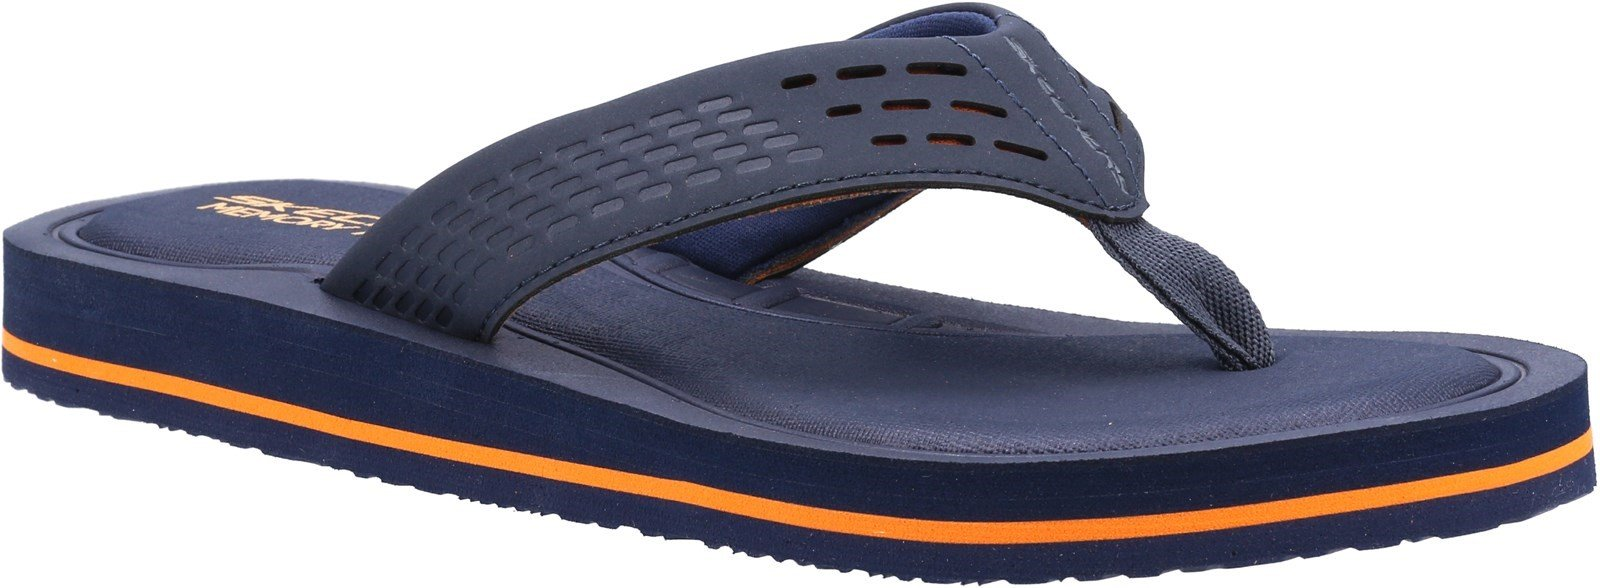 Skechers Men's Tocker Saga Bora Summer Sandal Various Colours 32214 - Navy 6